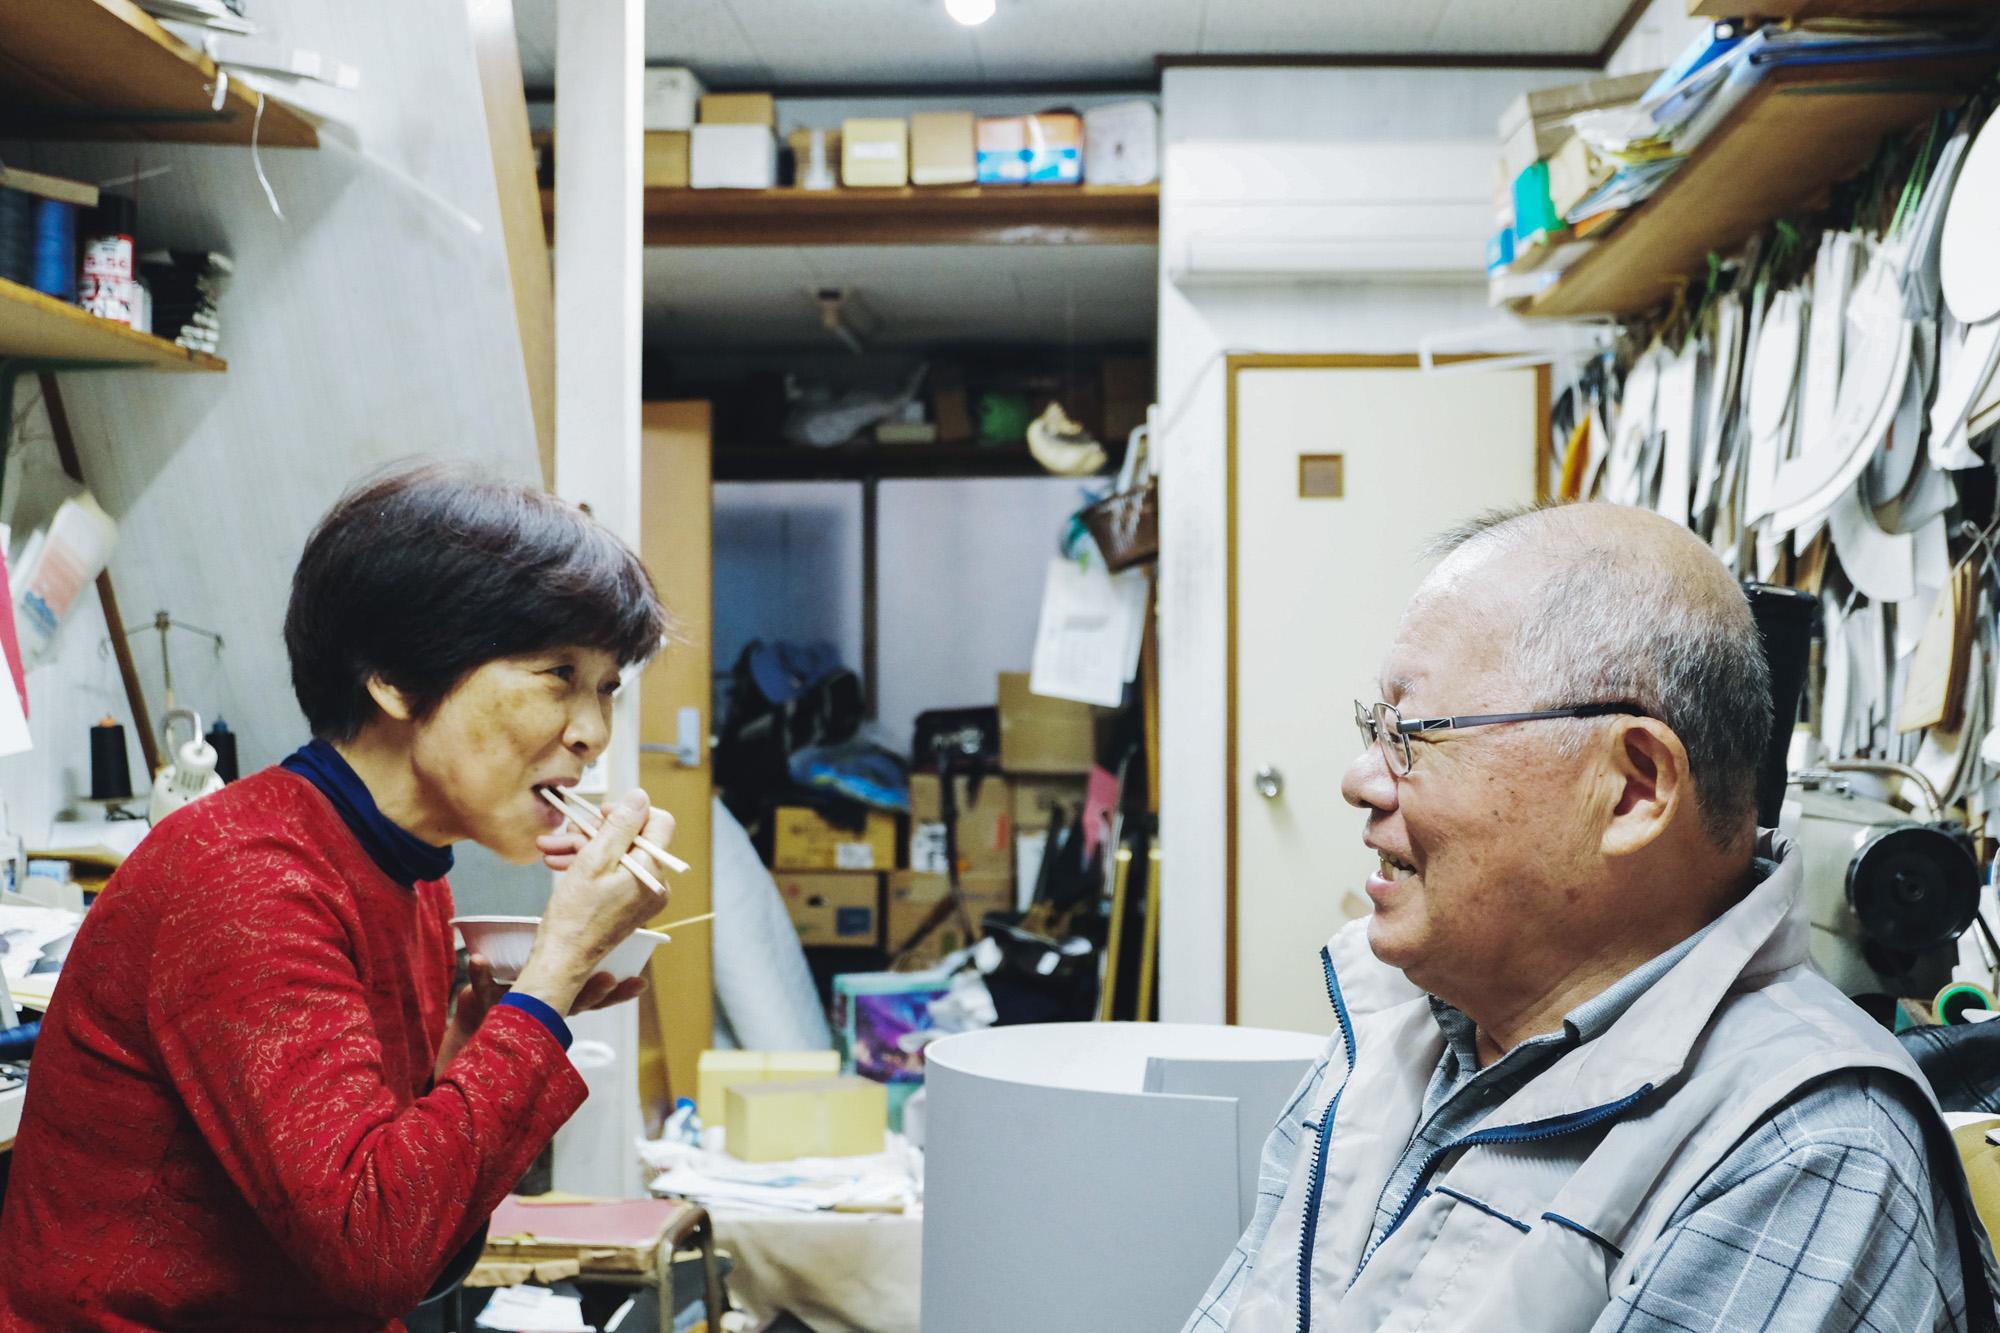 帽子のヒラジマ、平島さん夫妻に今回イベントで提供する再現おでんをご試食いただいた